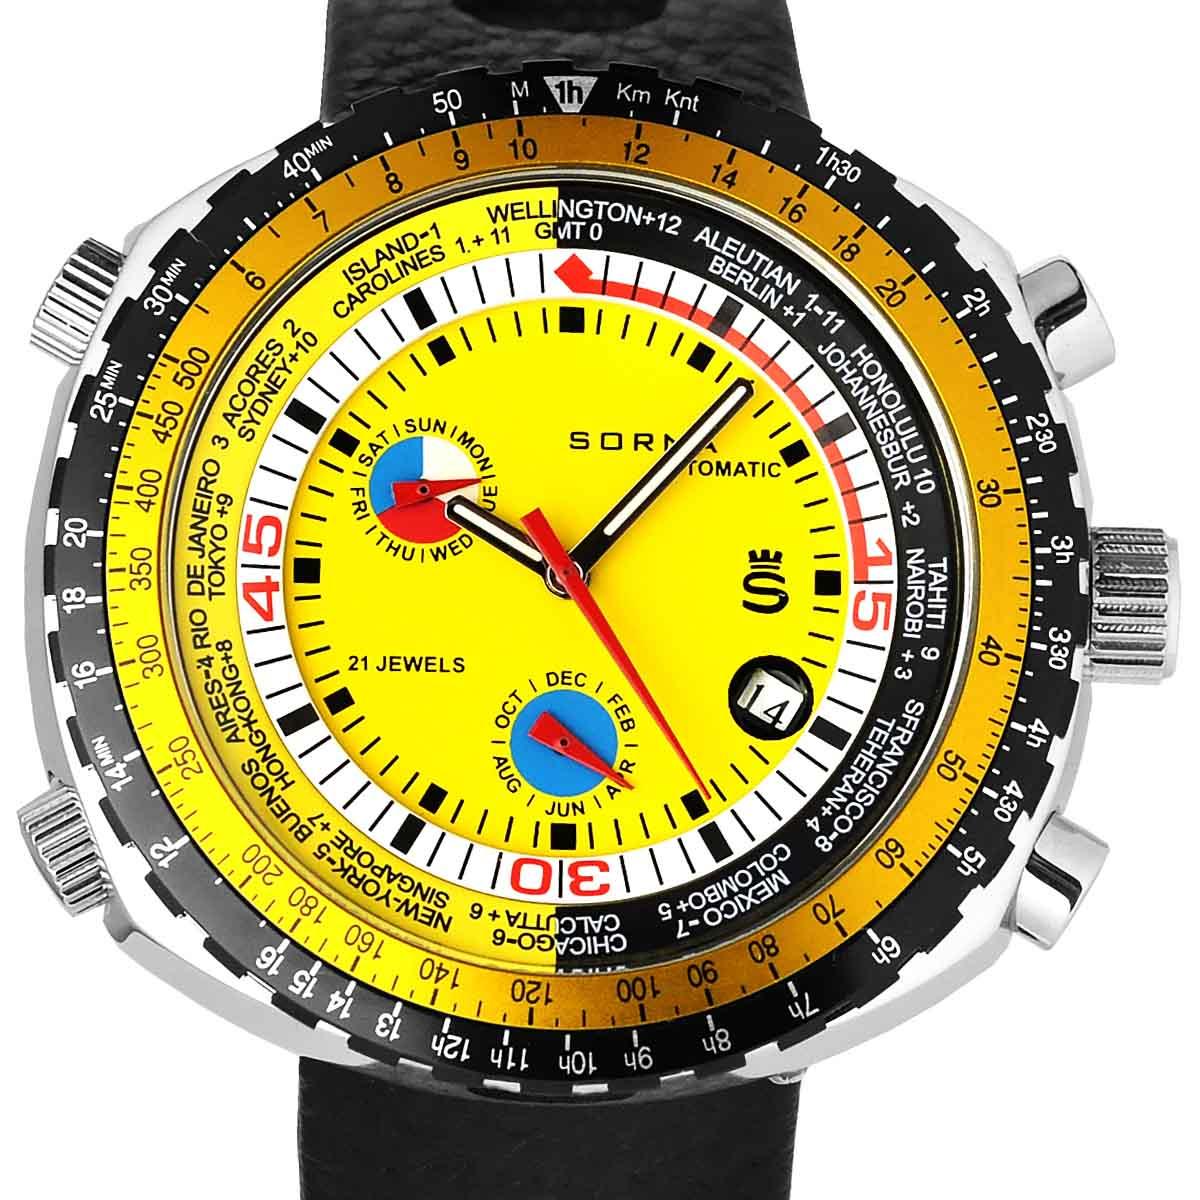 SORNA ソルナ 自動巻き(手巻き機能あり) 腕時計 [T21707-YELLOW] 並行輸入品 カレンダー GMT(ワールドタイム) タキメーターベゼル